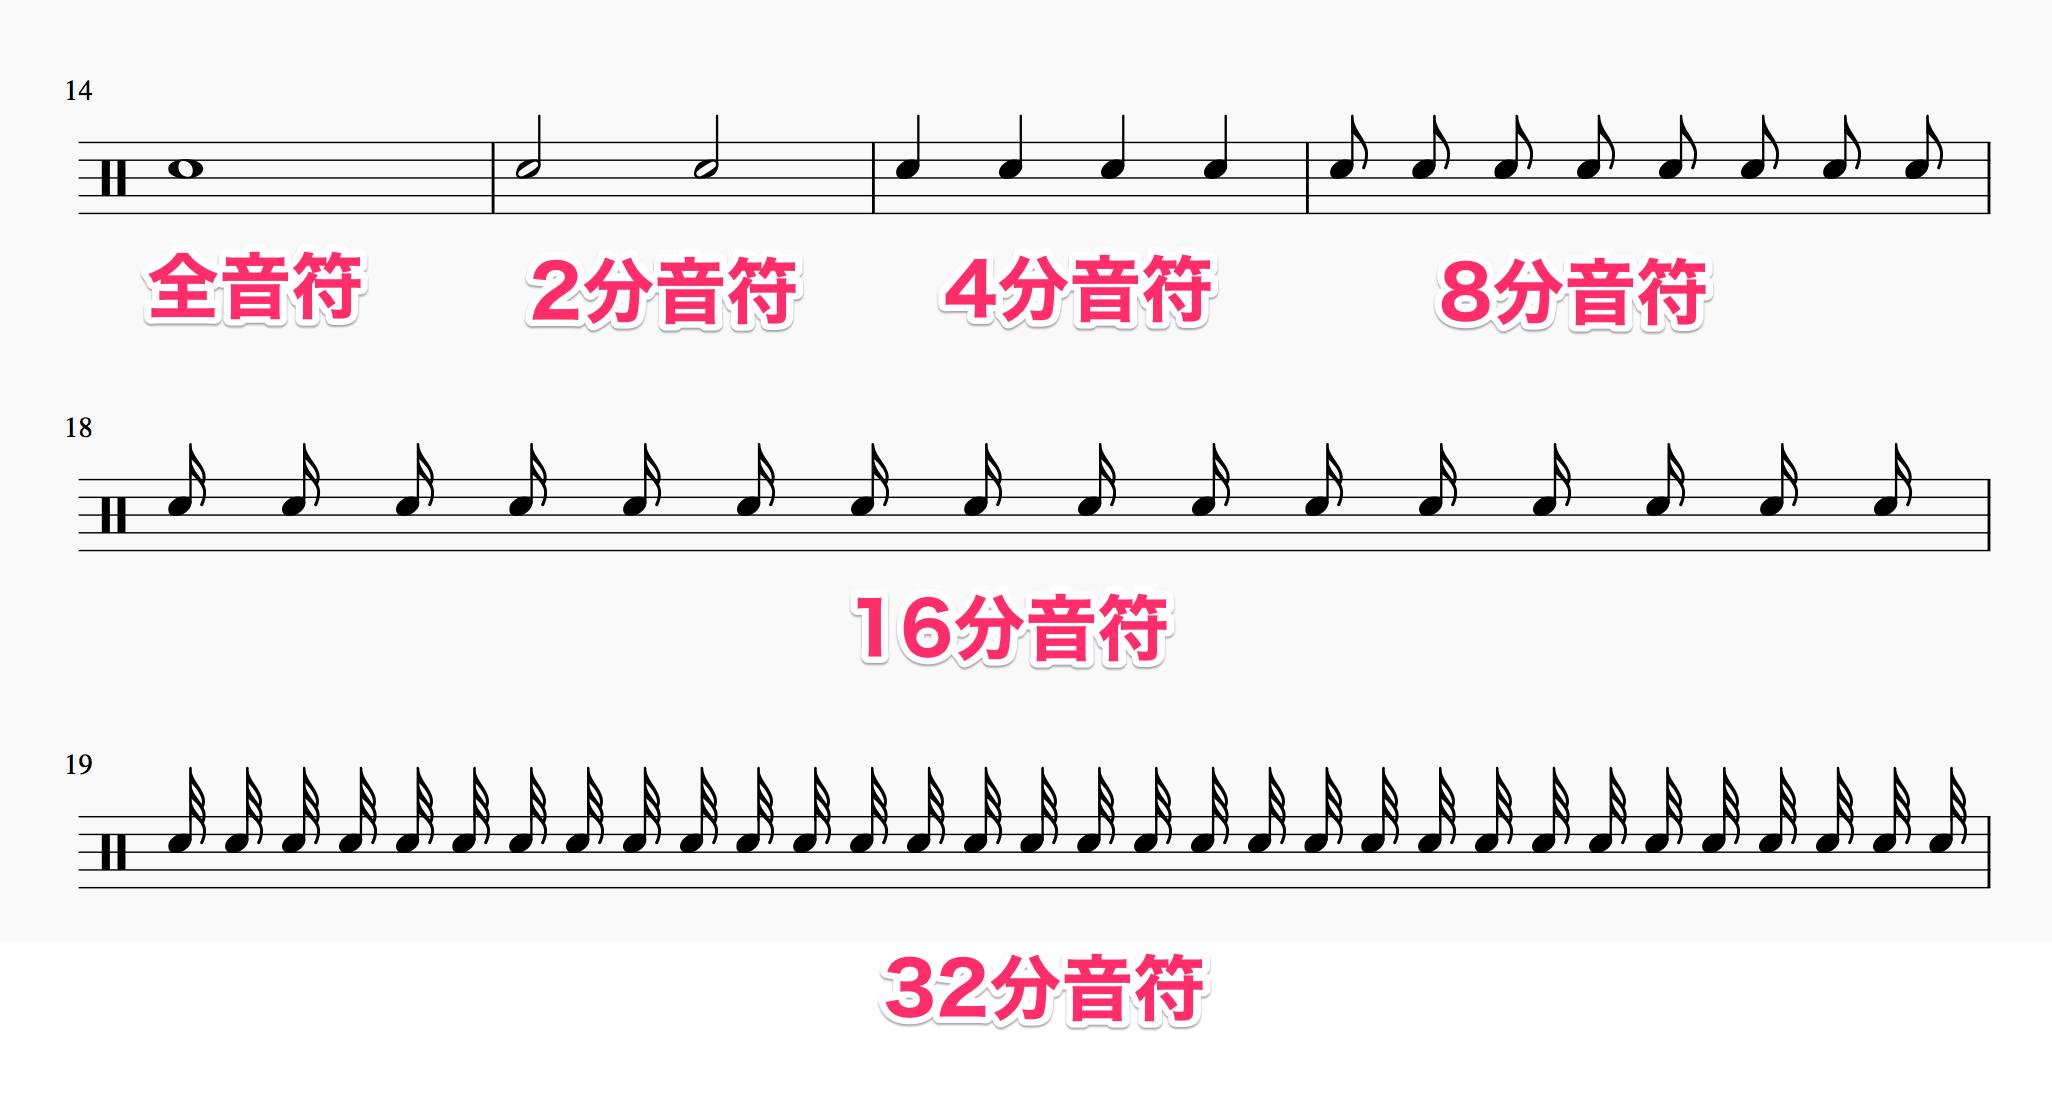 音楽用語音価とは 記号で長さを理解しようmusicamusik